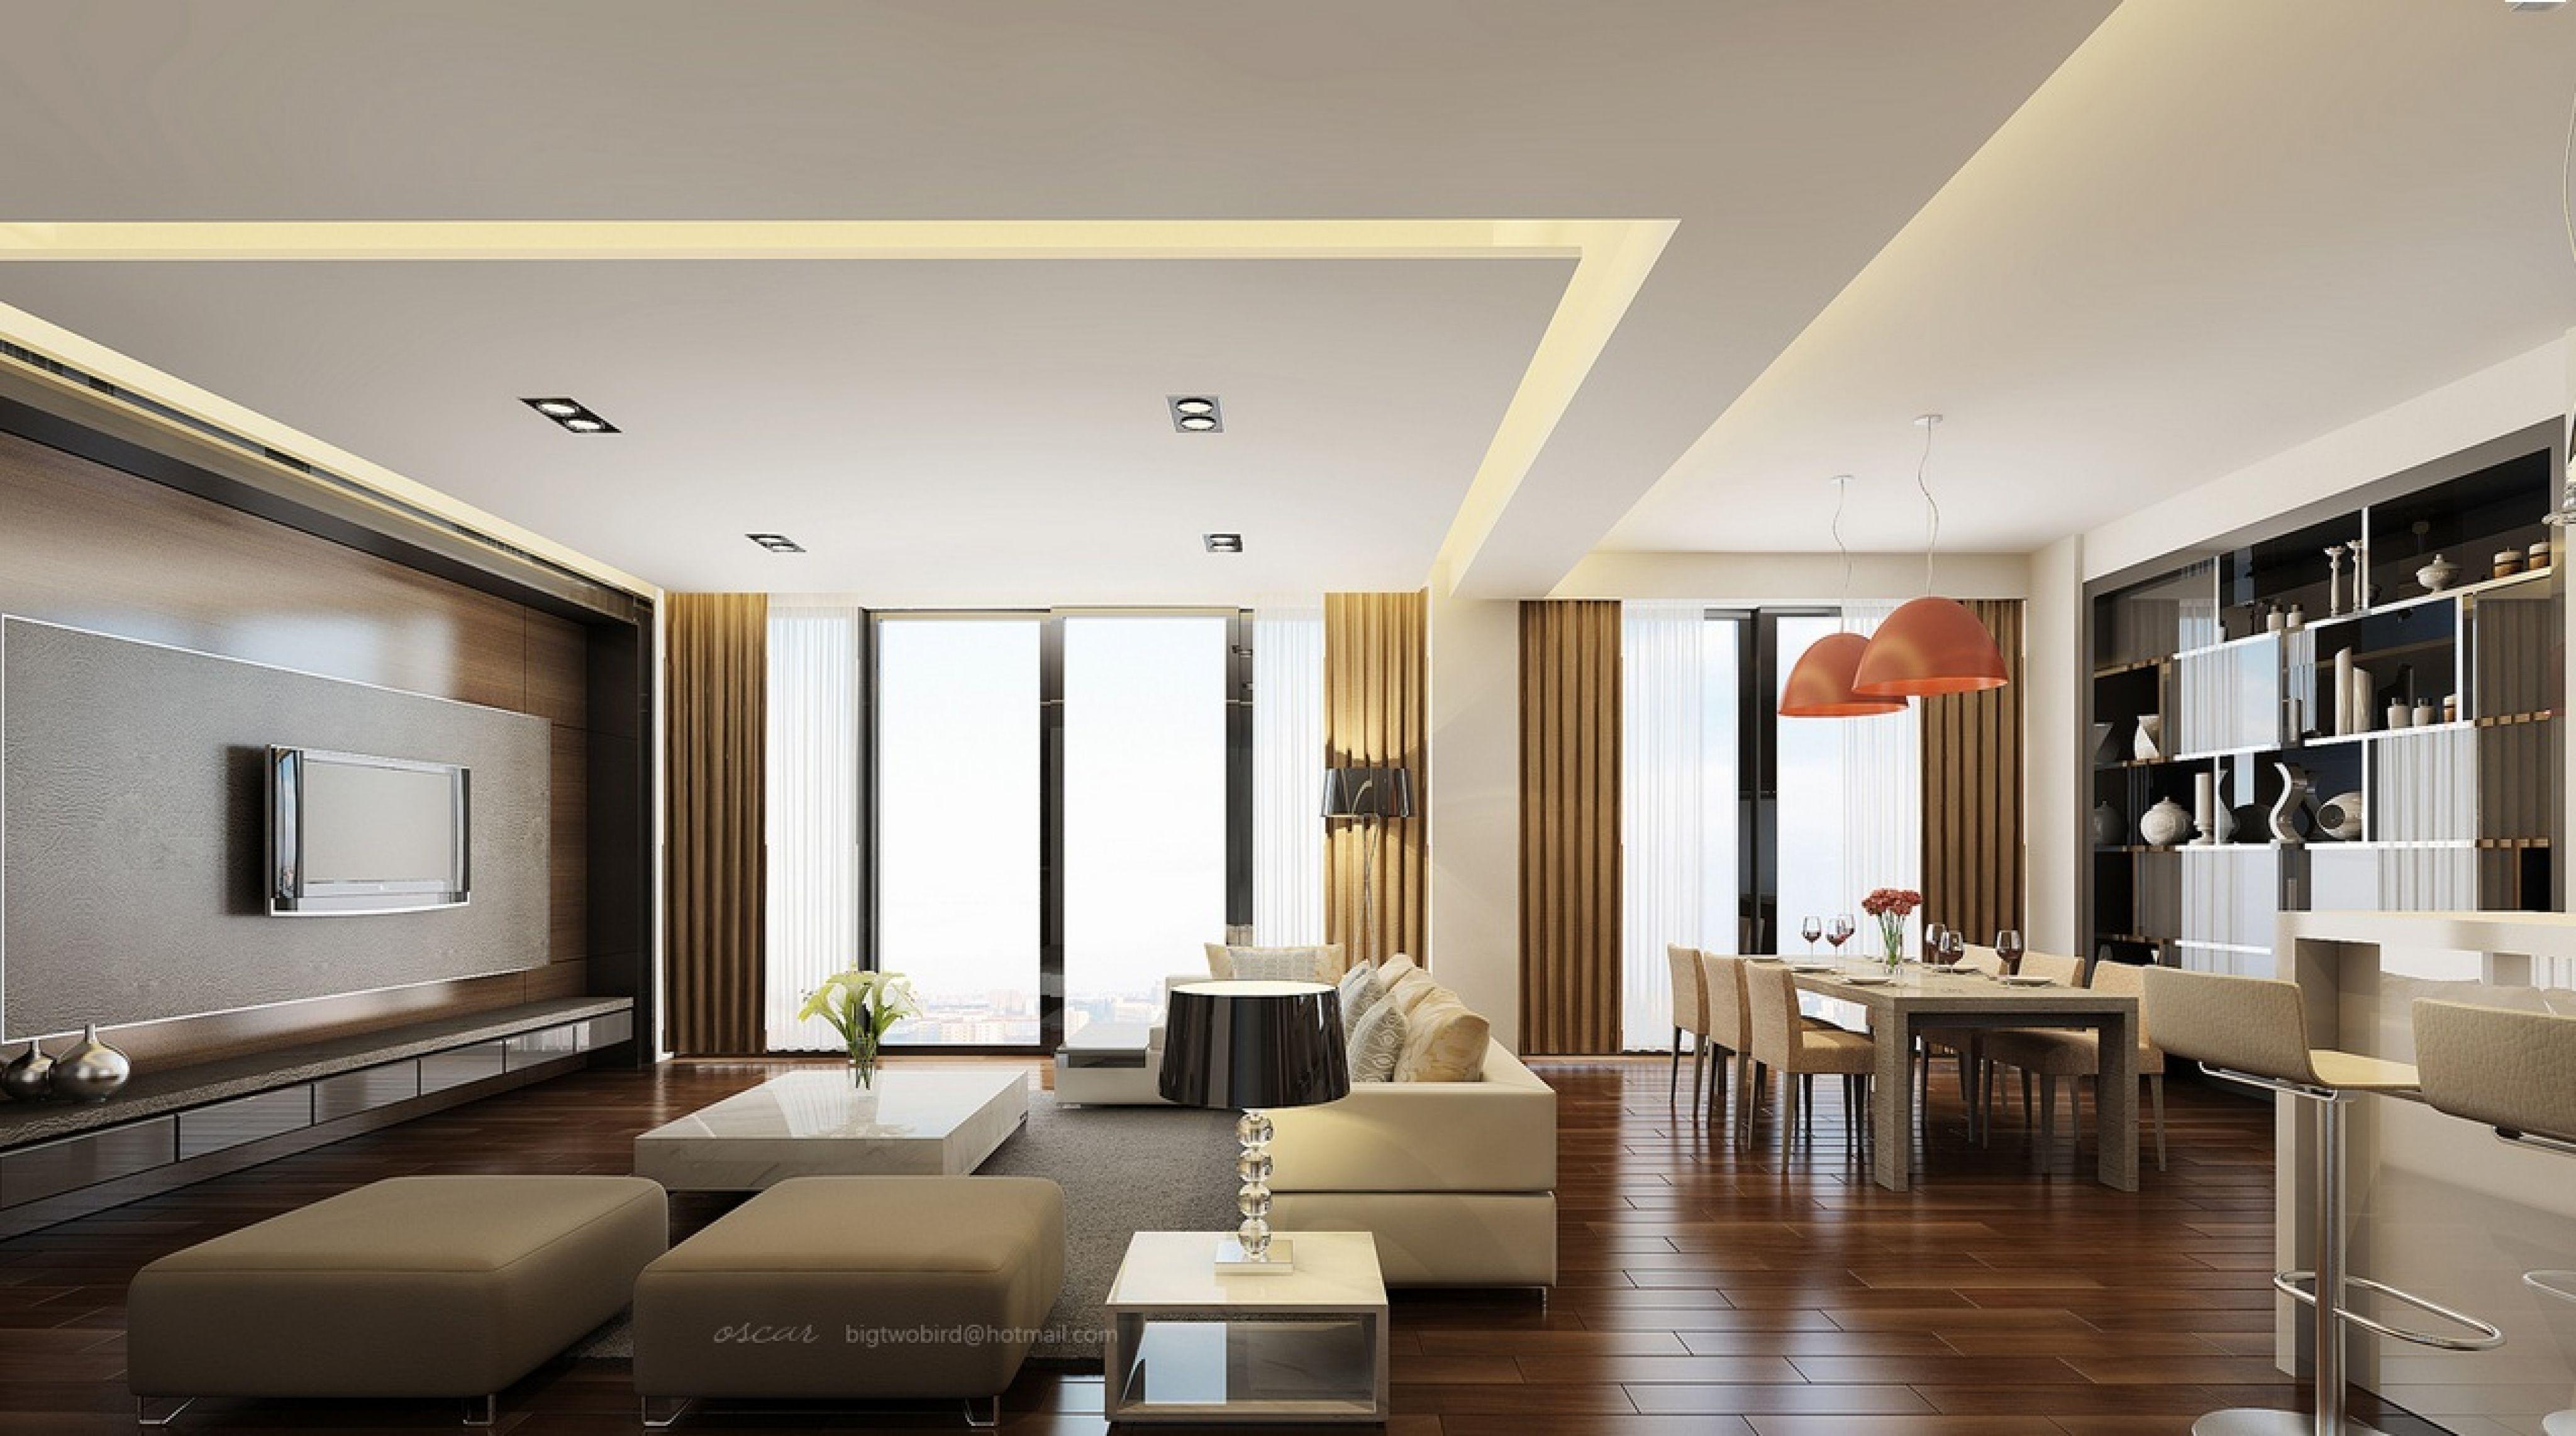 Interior Design L Shaped Living Dining Room Modern Design For